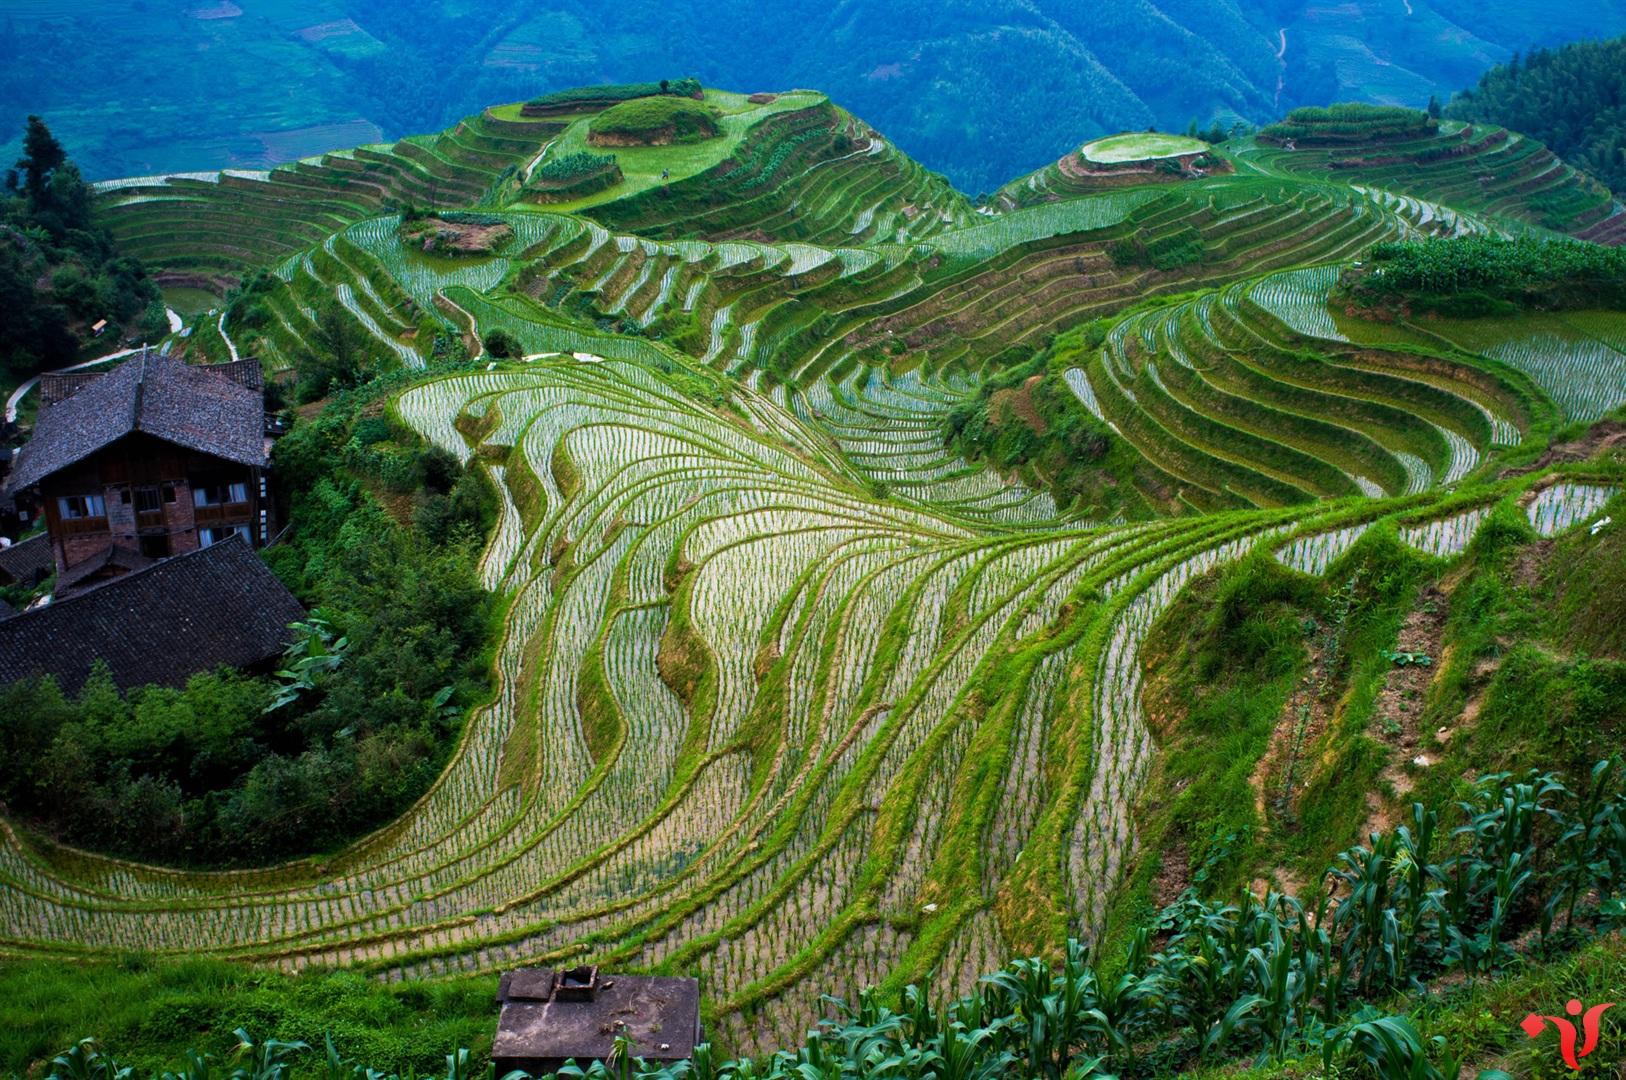 Рисовые террасы Драконьего хребта